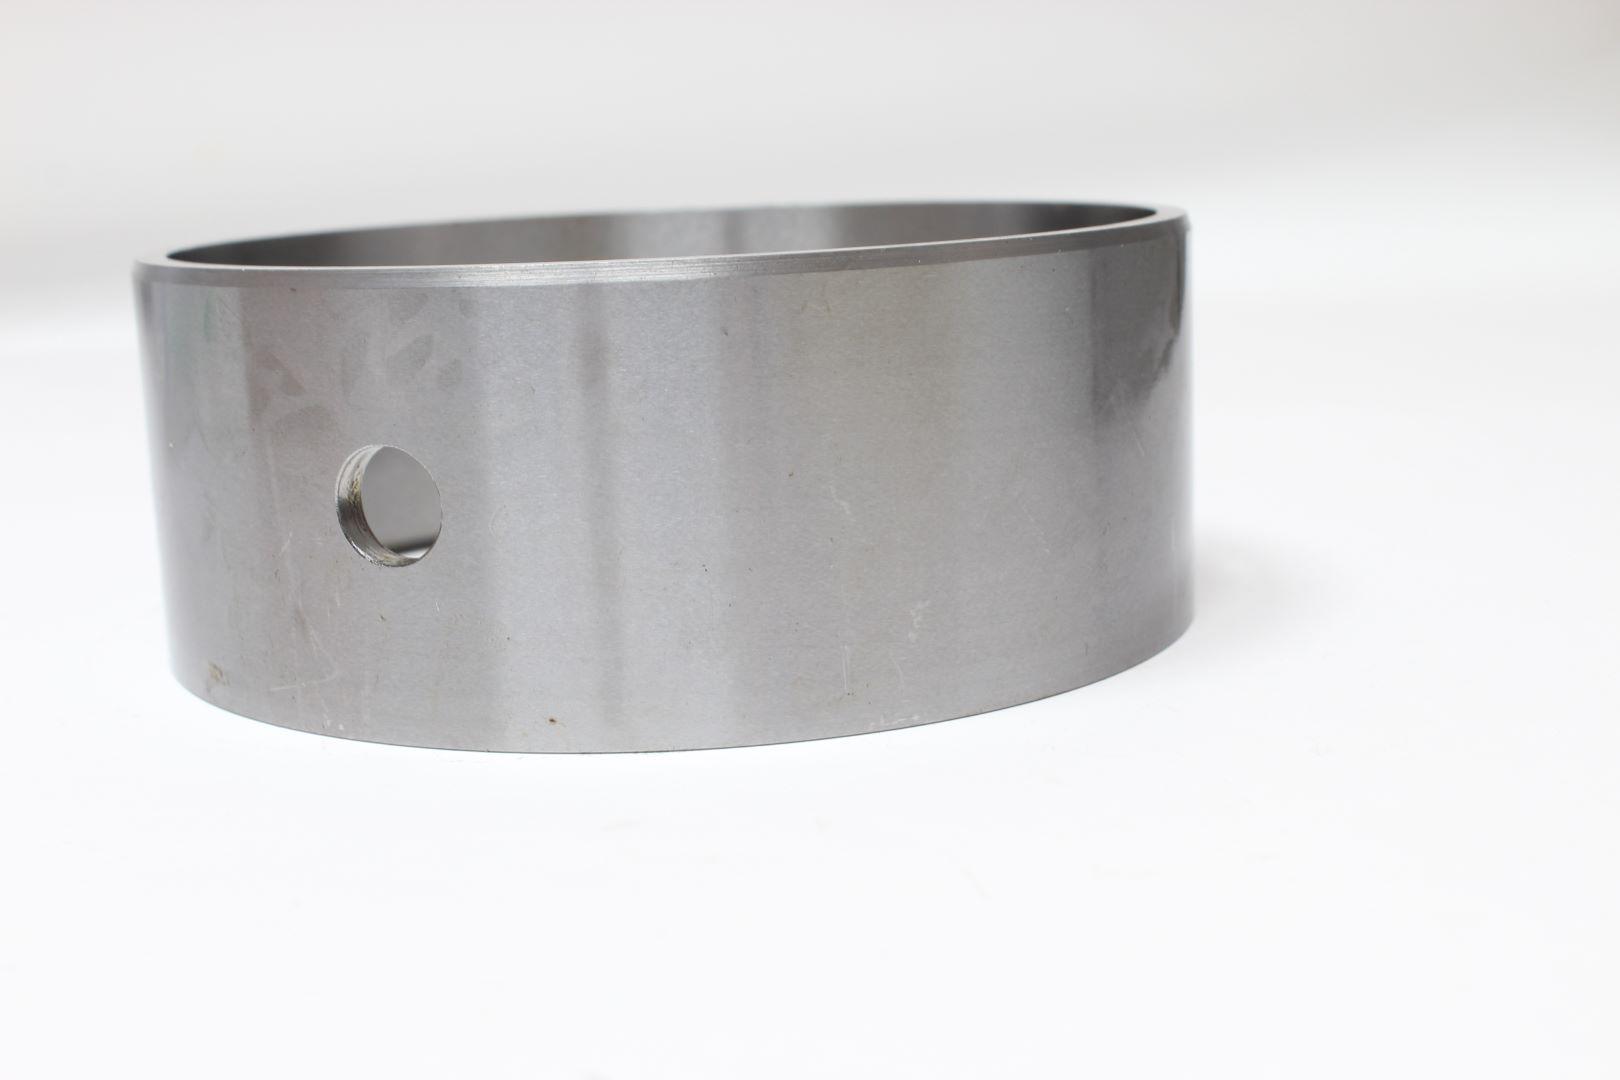 Bucha da carcaca do cavalete dianteiro APL359/AS3065